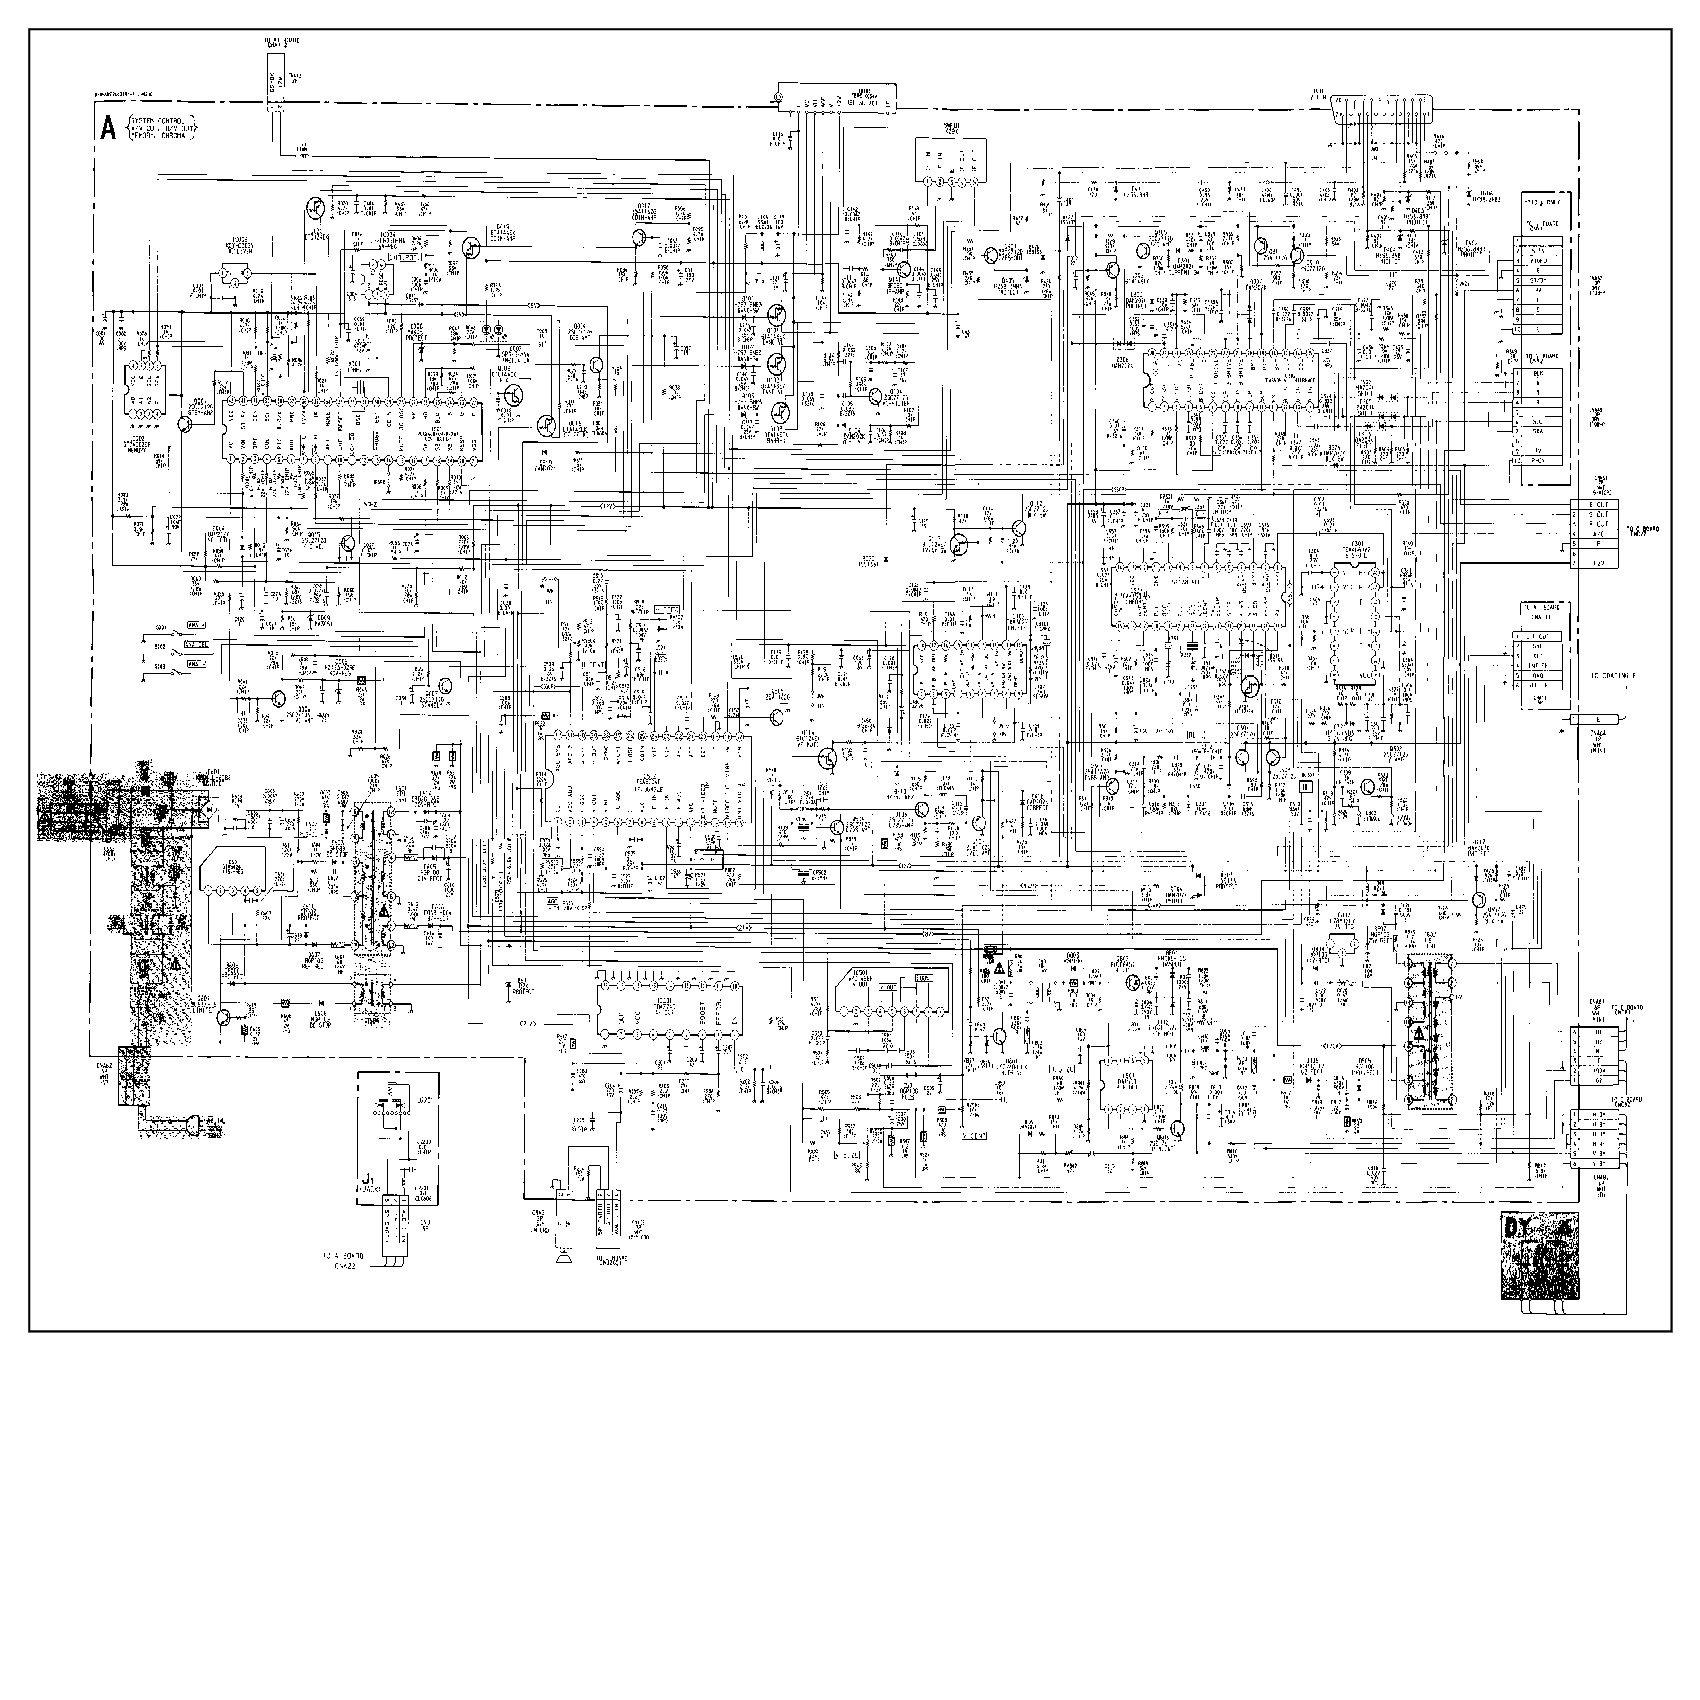 SONY Sony Sony KV M2100K pdf Diagramas de Televisores Lcd